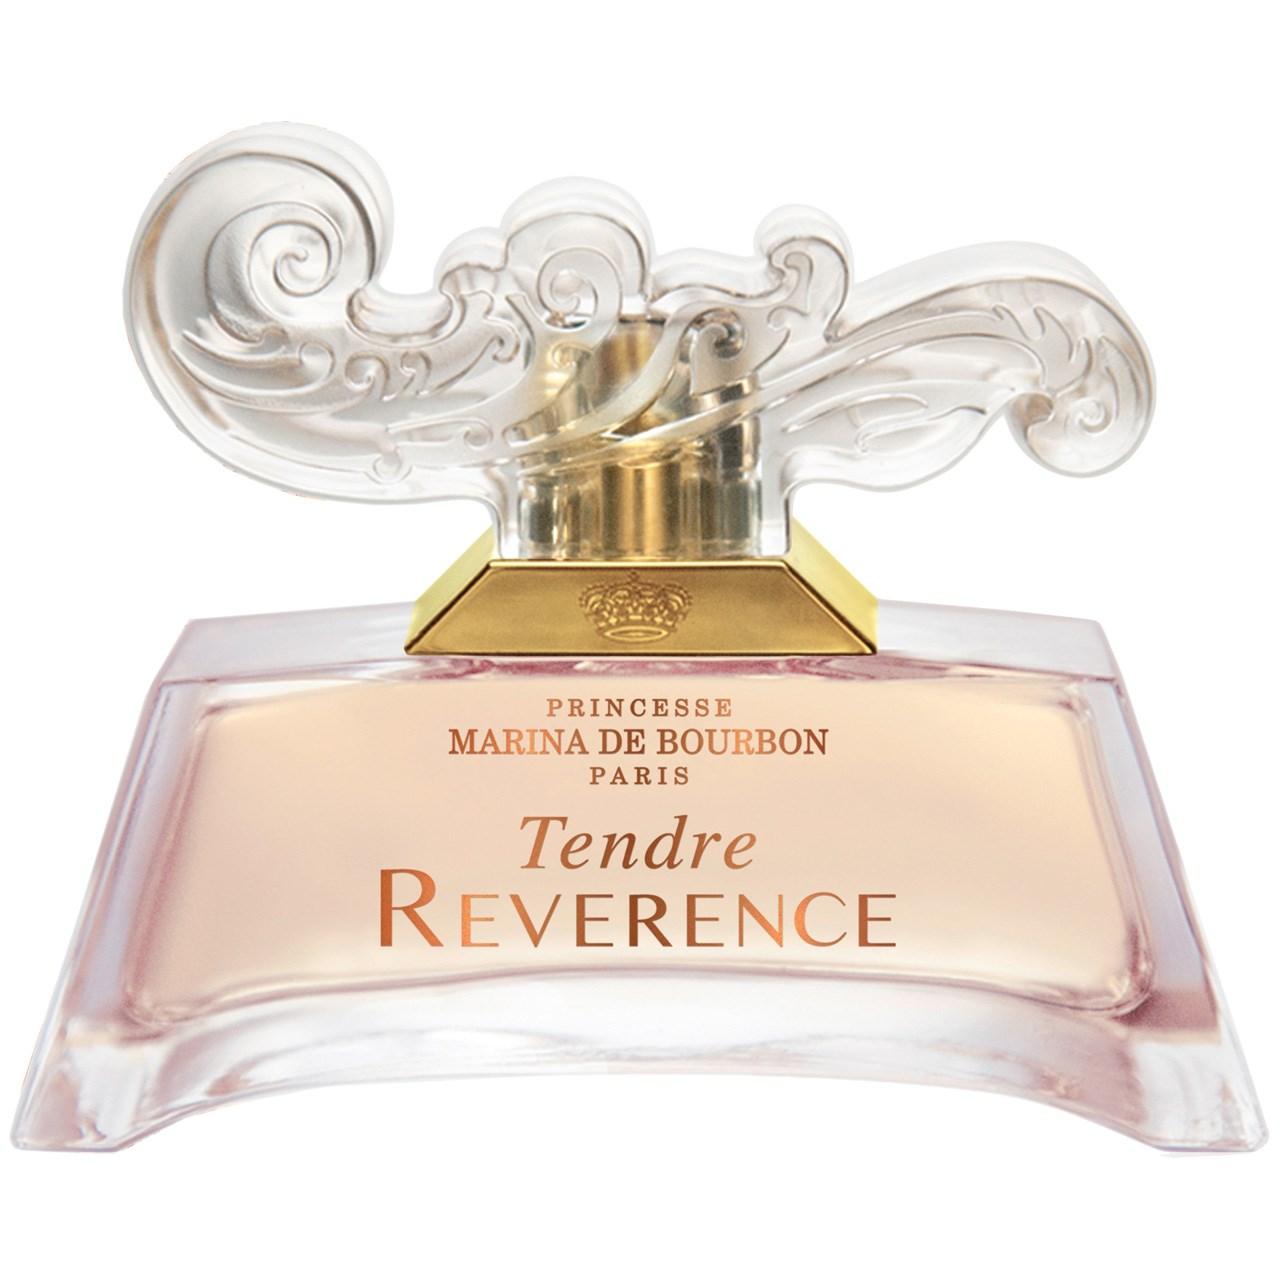 عکس ادو پرفیوم زنانه پرنسس مارینا دو بوربون مدل Tendre Reverence حجم 100 میلی لیتر